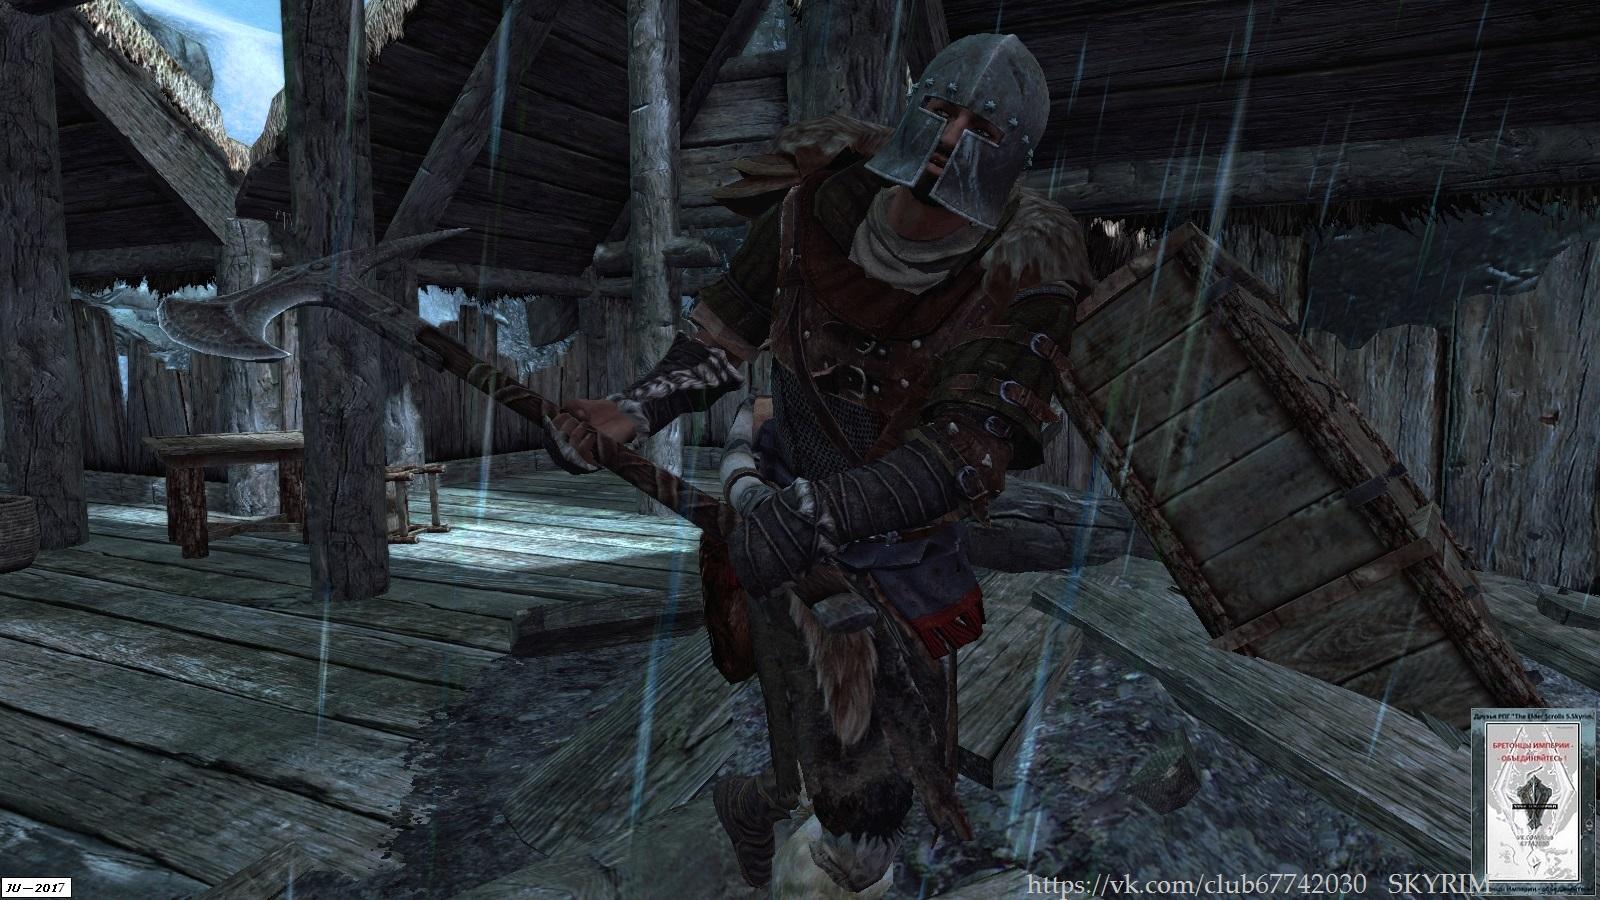 """Из серии """"Бандиты Скайрима"""" 014 - Elder Scrolls 5: Skyrim, the"""